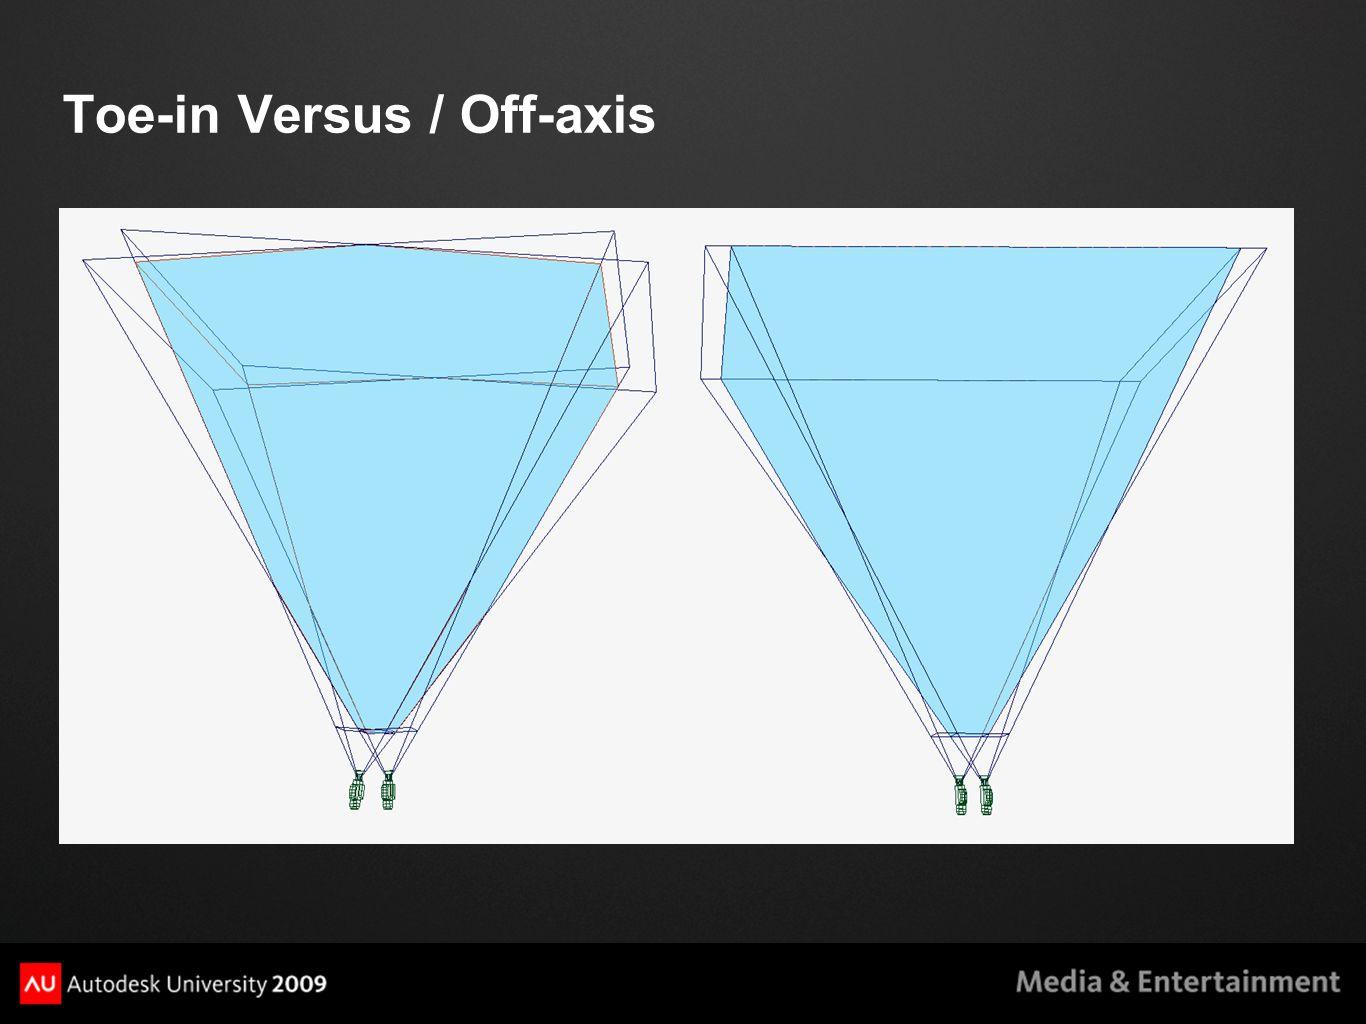 Toe-in Versus / Off-axis